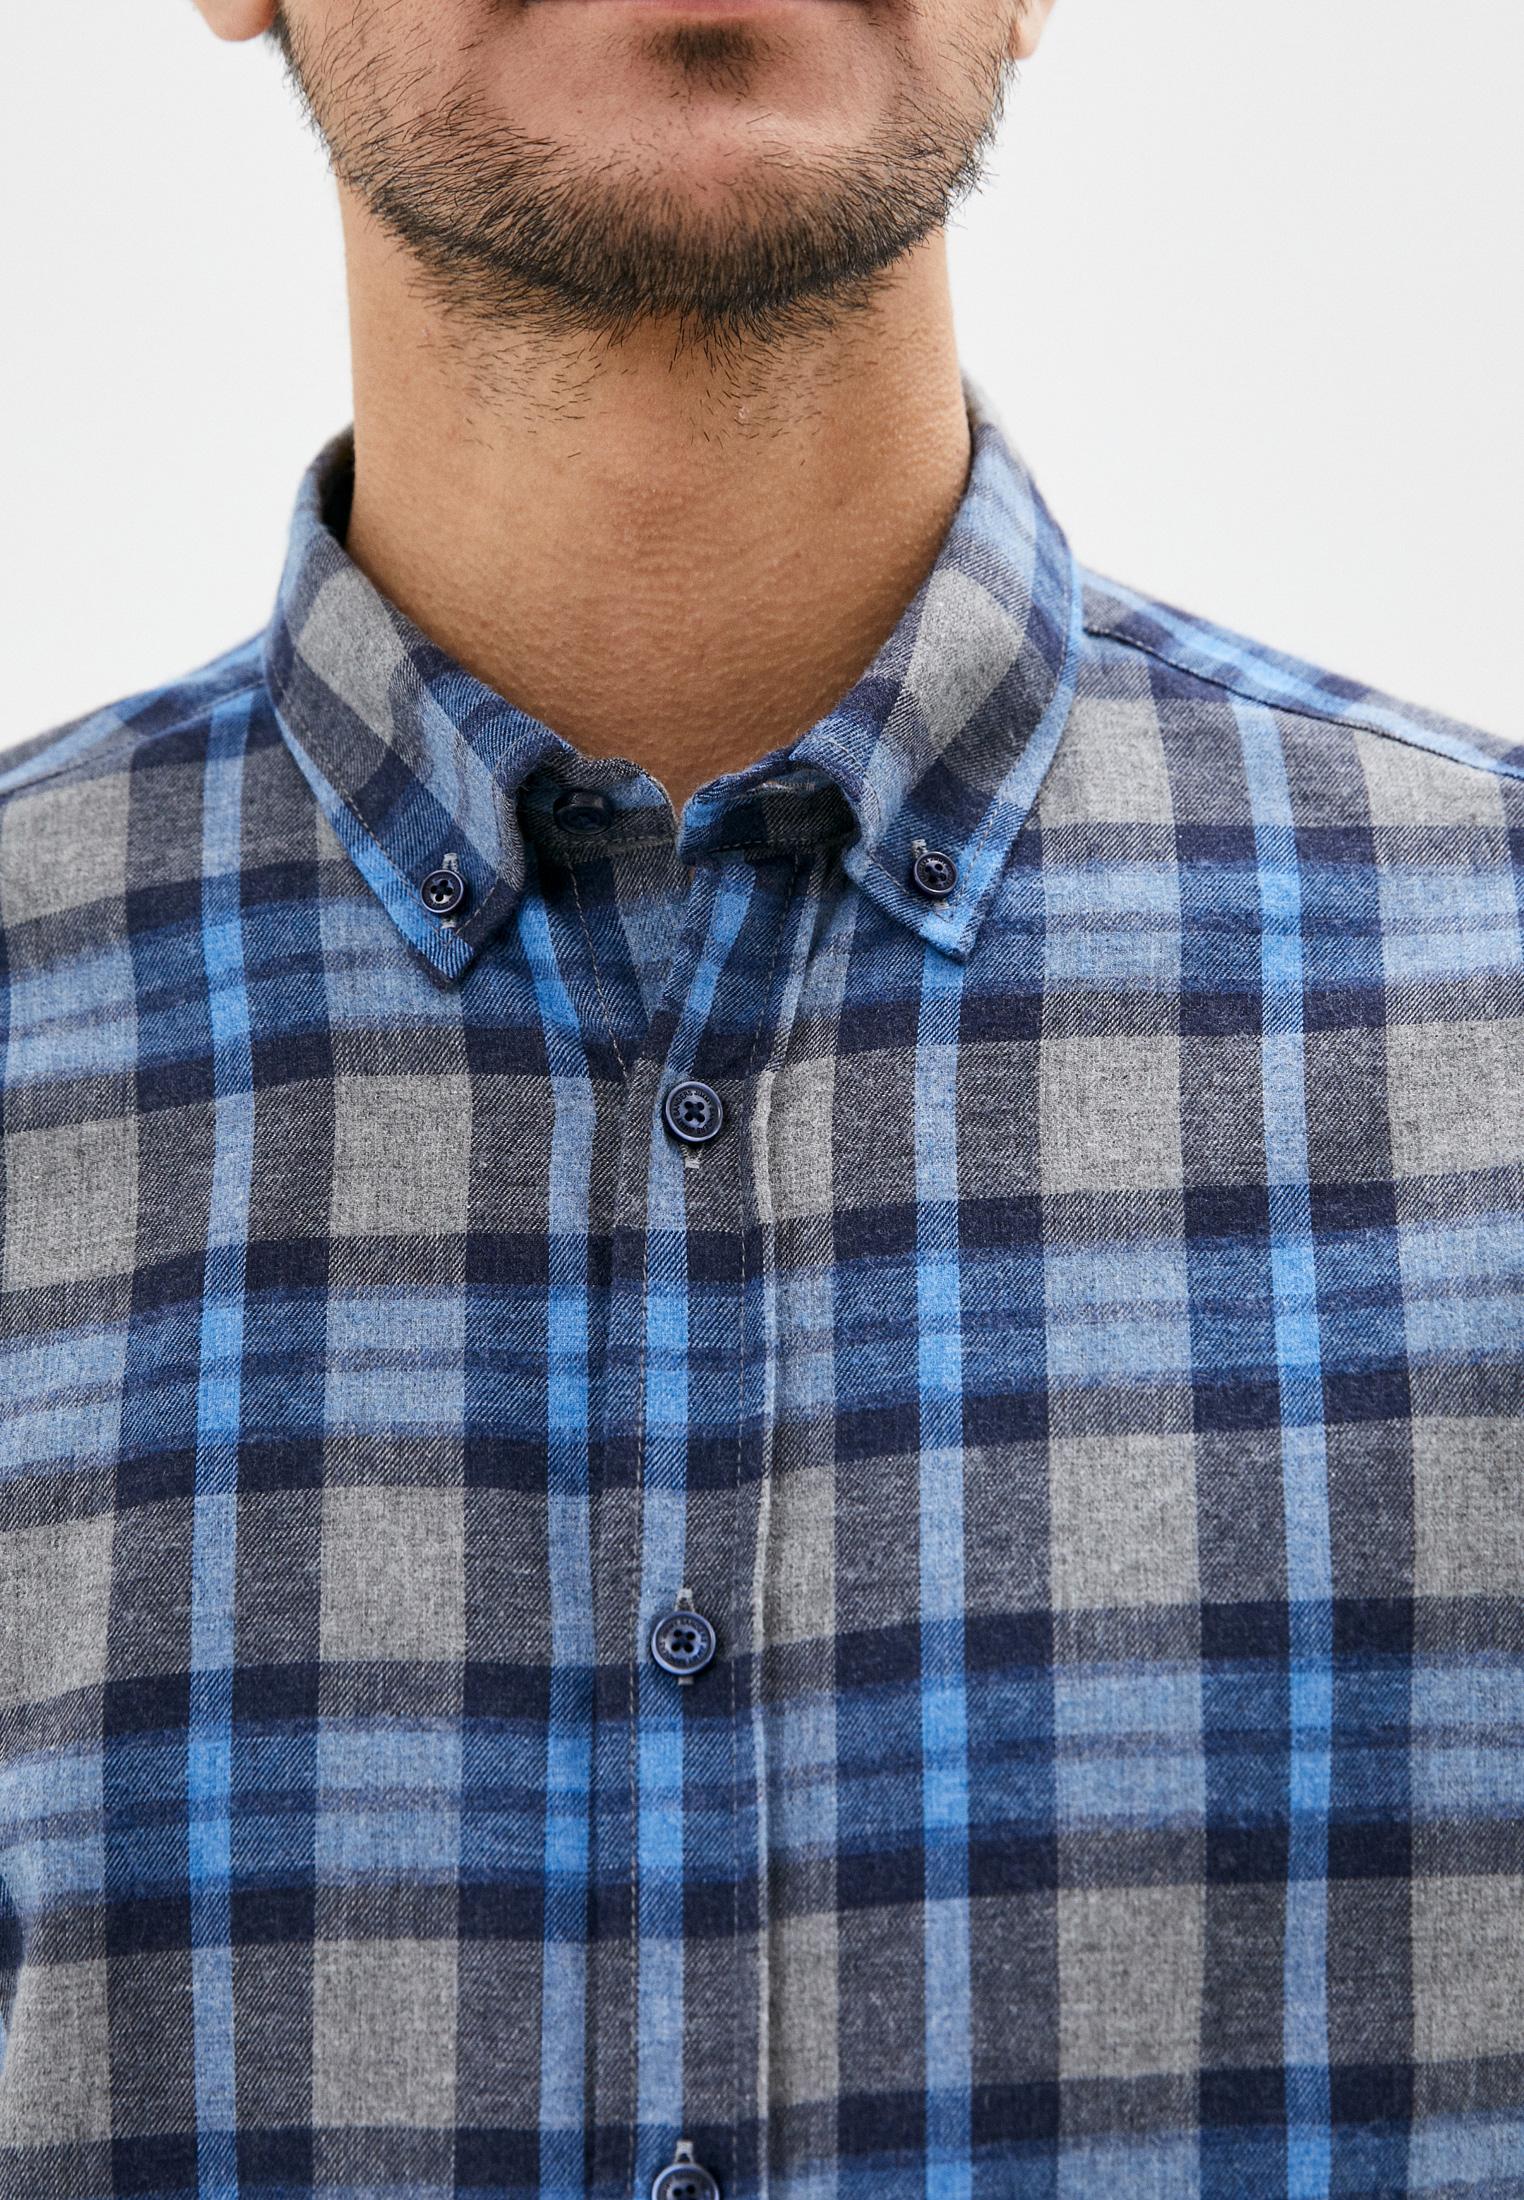 Рубашка с длинным рукавом JIMMY SANDERS (Джимми Сандерс) 20W SHM3101 NAVY: изображение 4